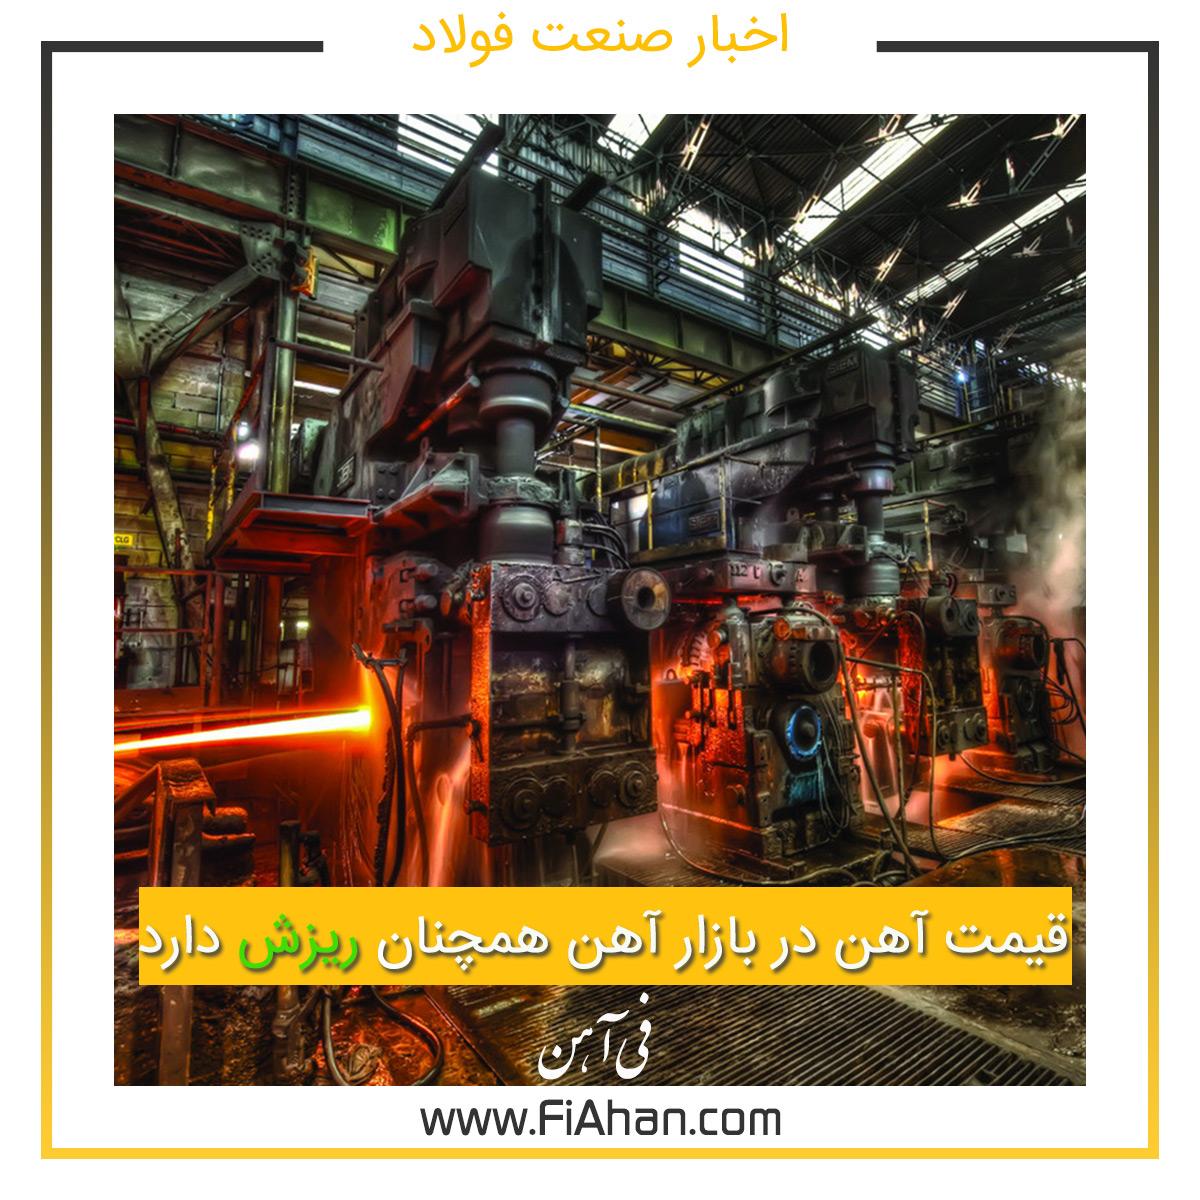 قیمت آهن در بازار آهن همچنان ریزش دارد